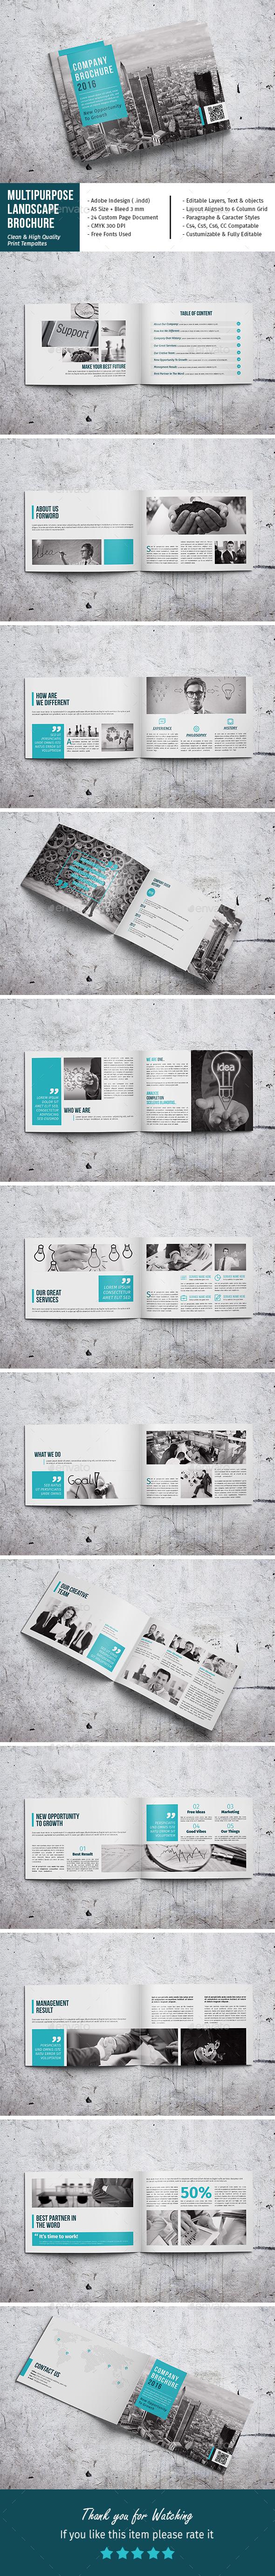 Multipurpose Landscape Brochure - Corporate Brochures